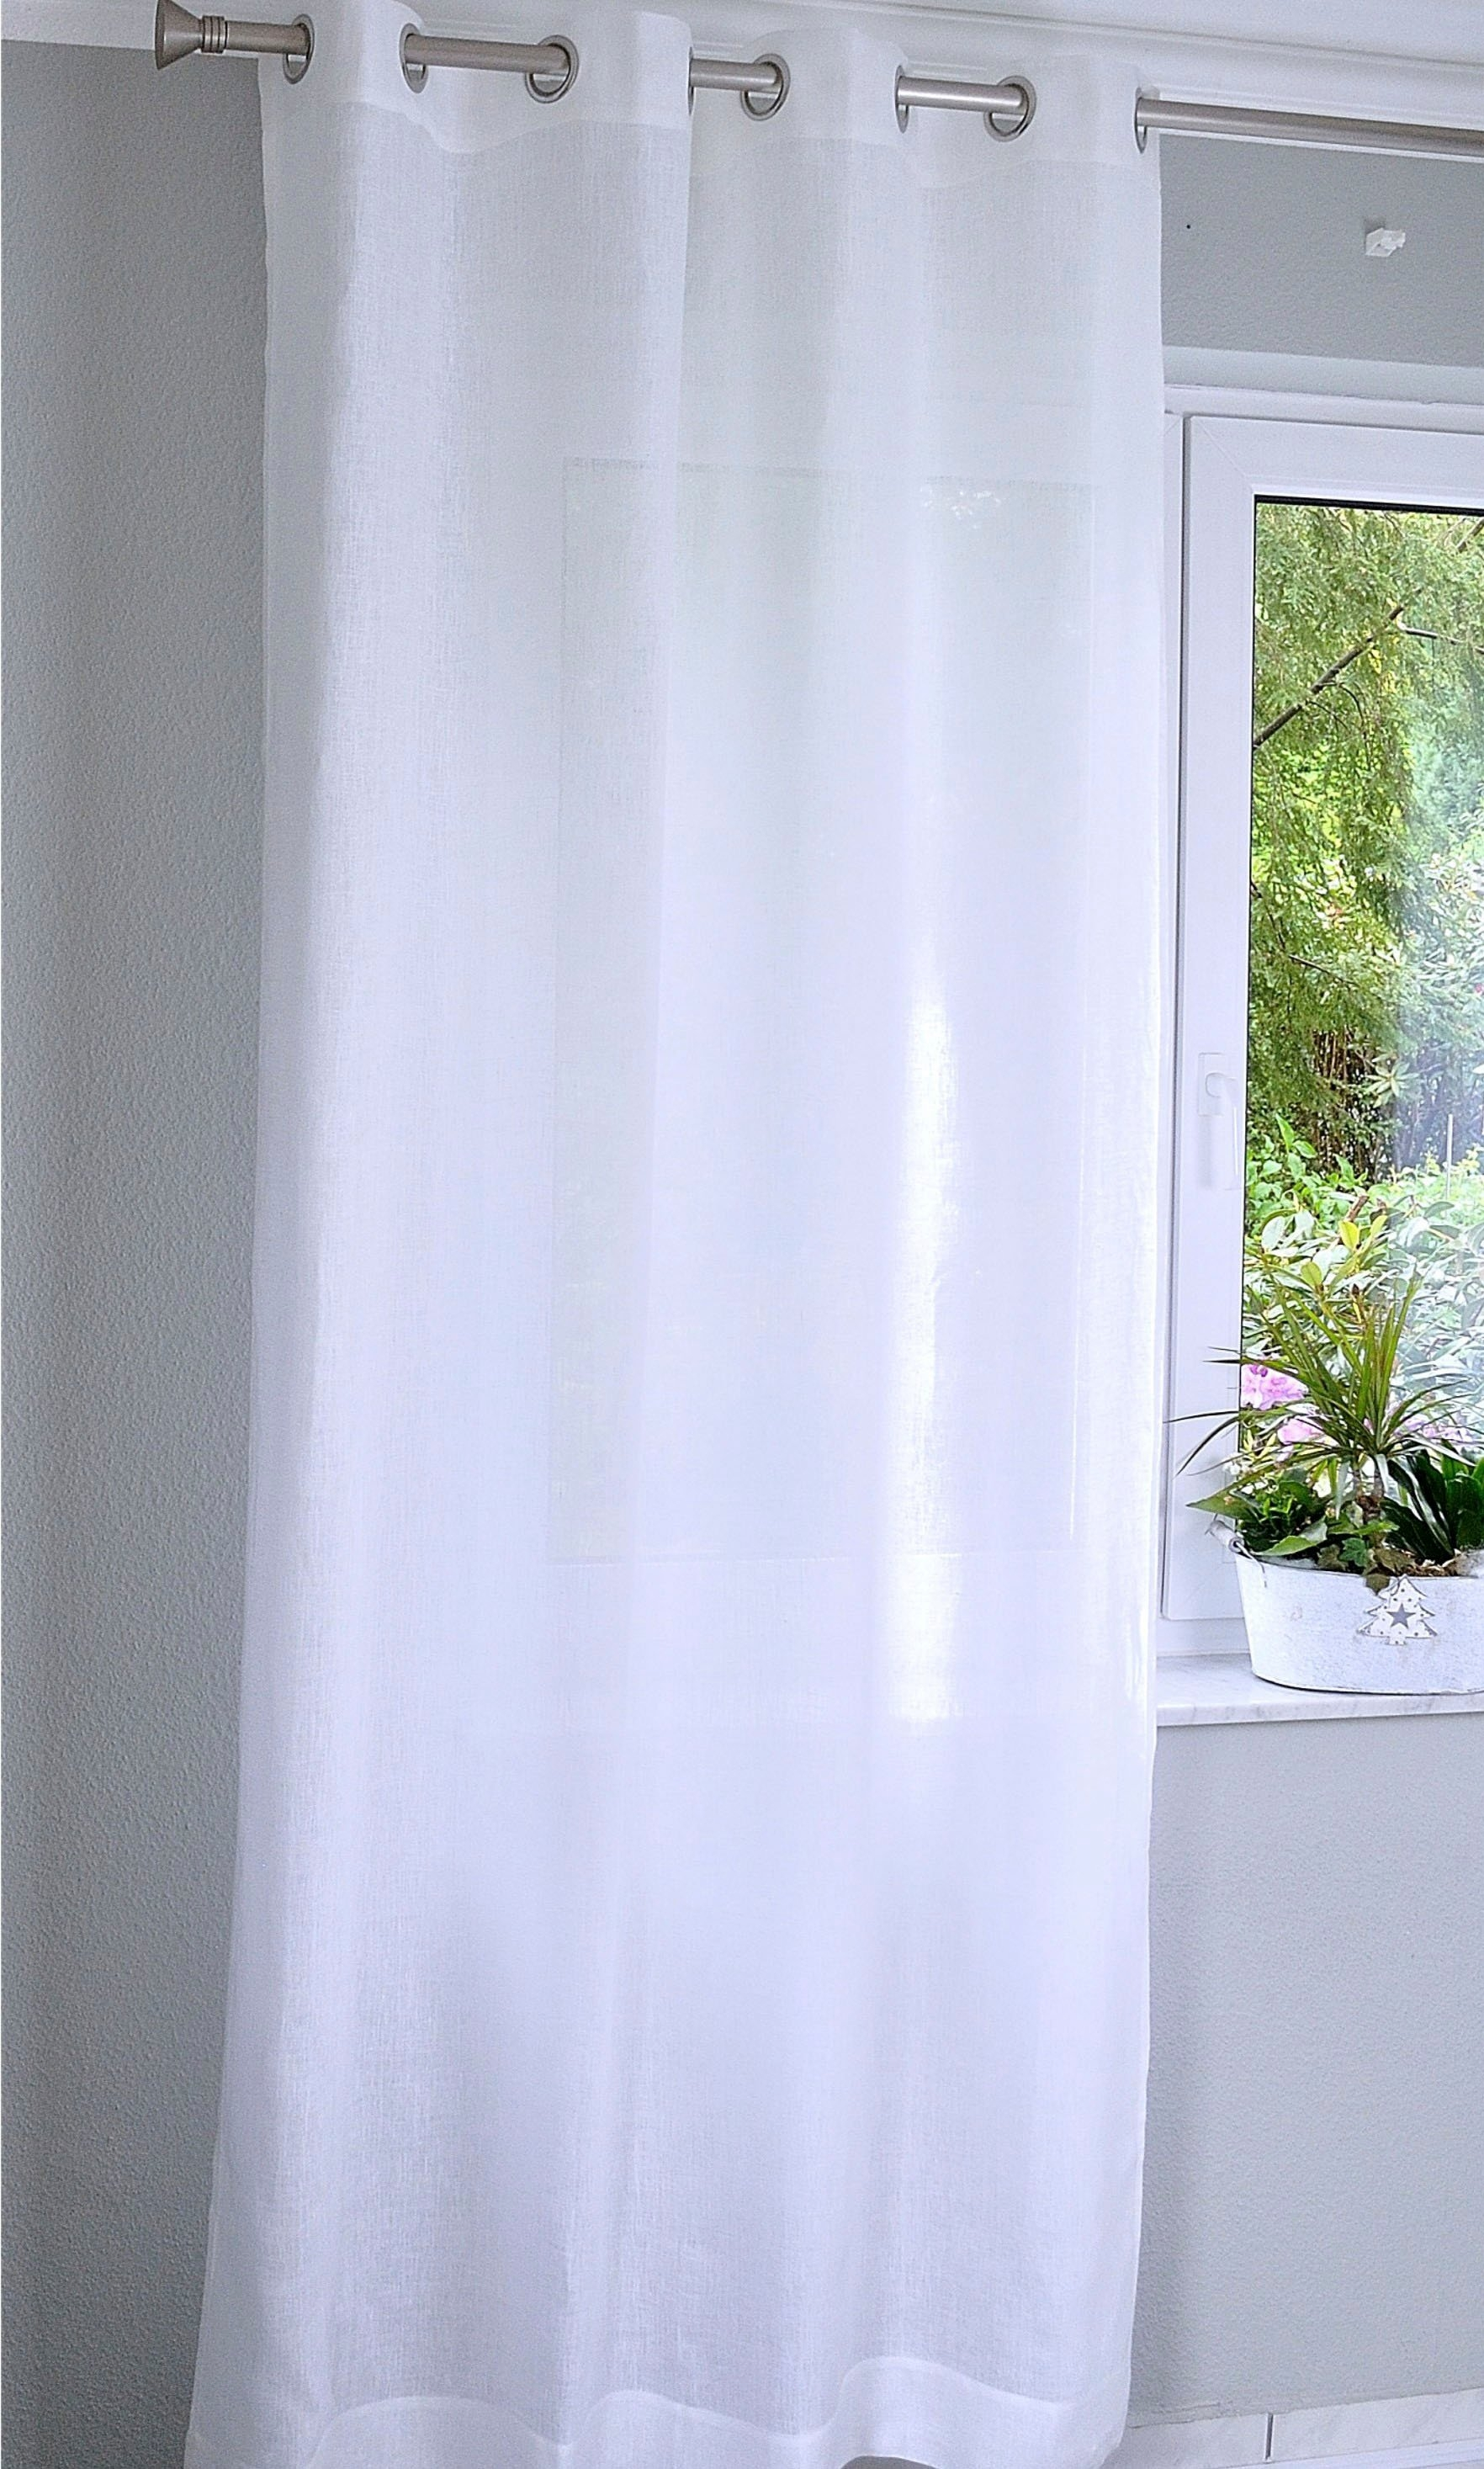 Kutti Gordijn Metis linnen 100% puur linnen (1 stuk) voordelig en veilig online kopen